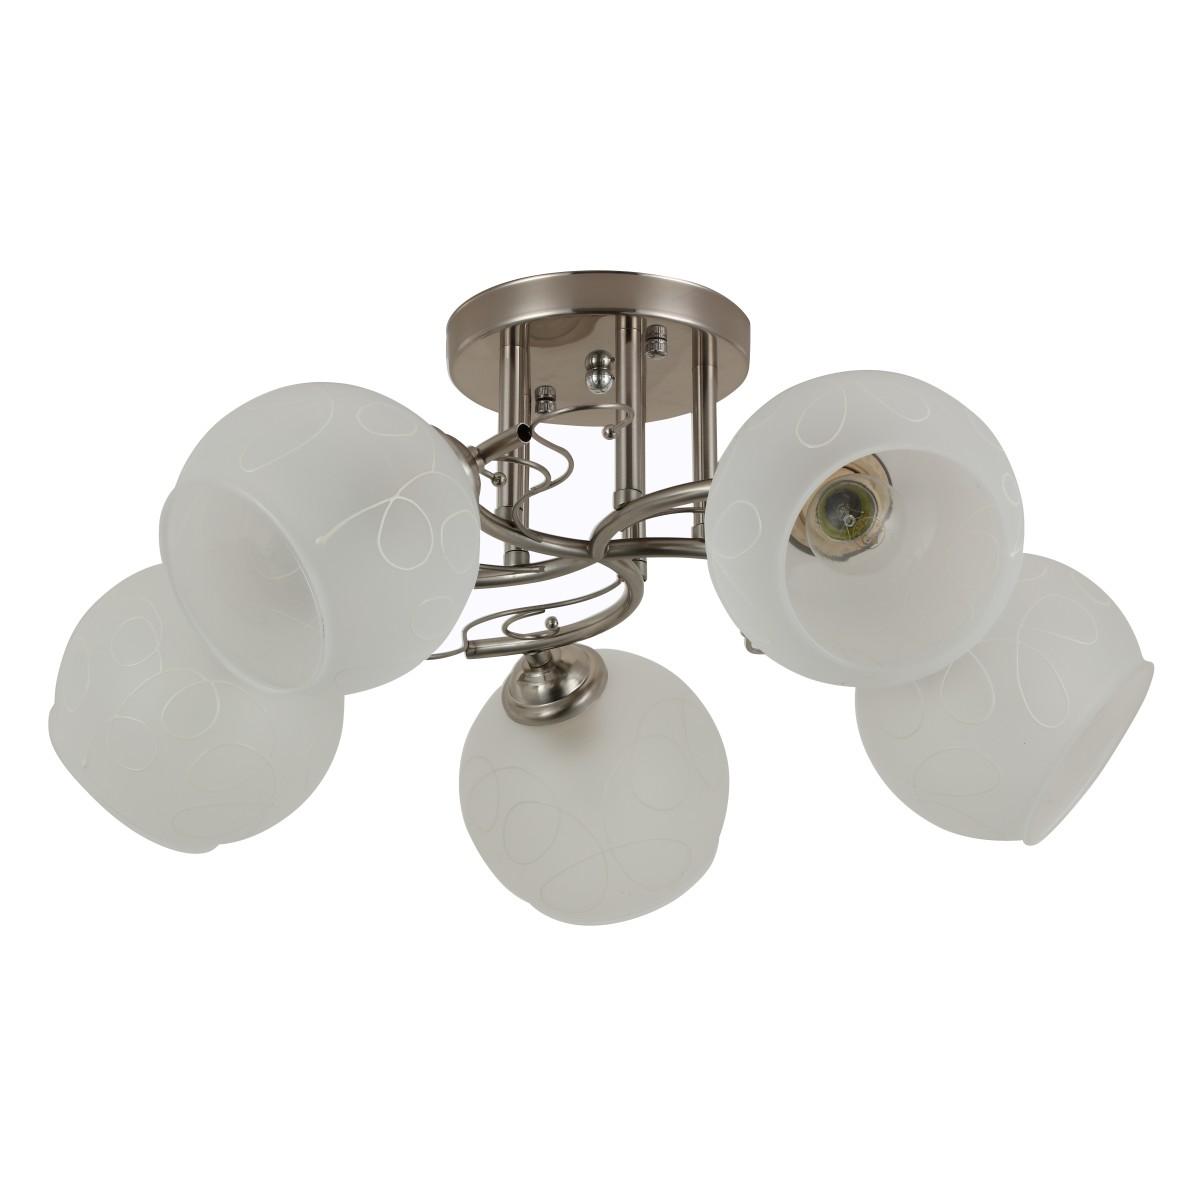 Люстра потолочная Quanti 5 ламп 12 м² цвет сатинированный никель/белый